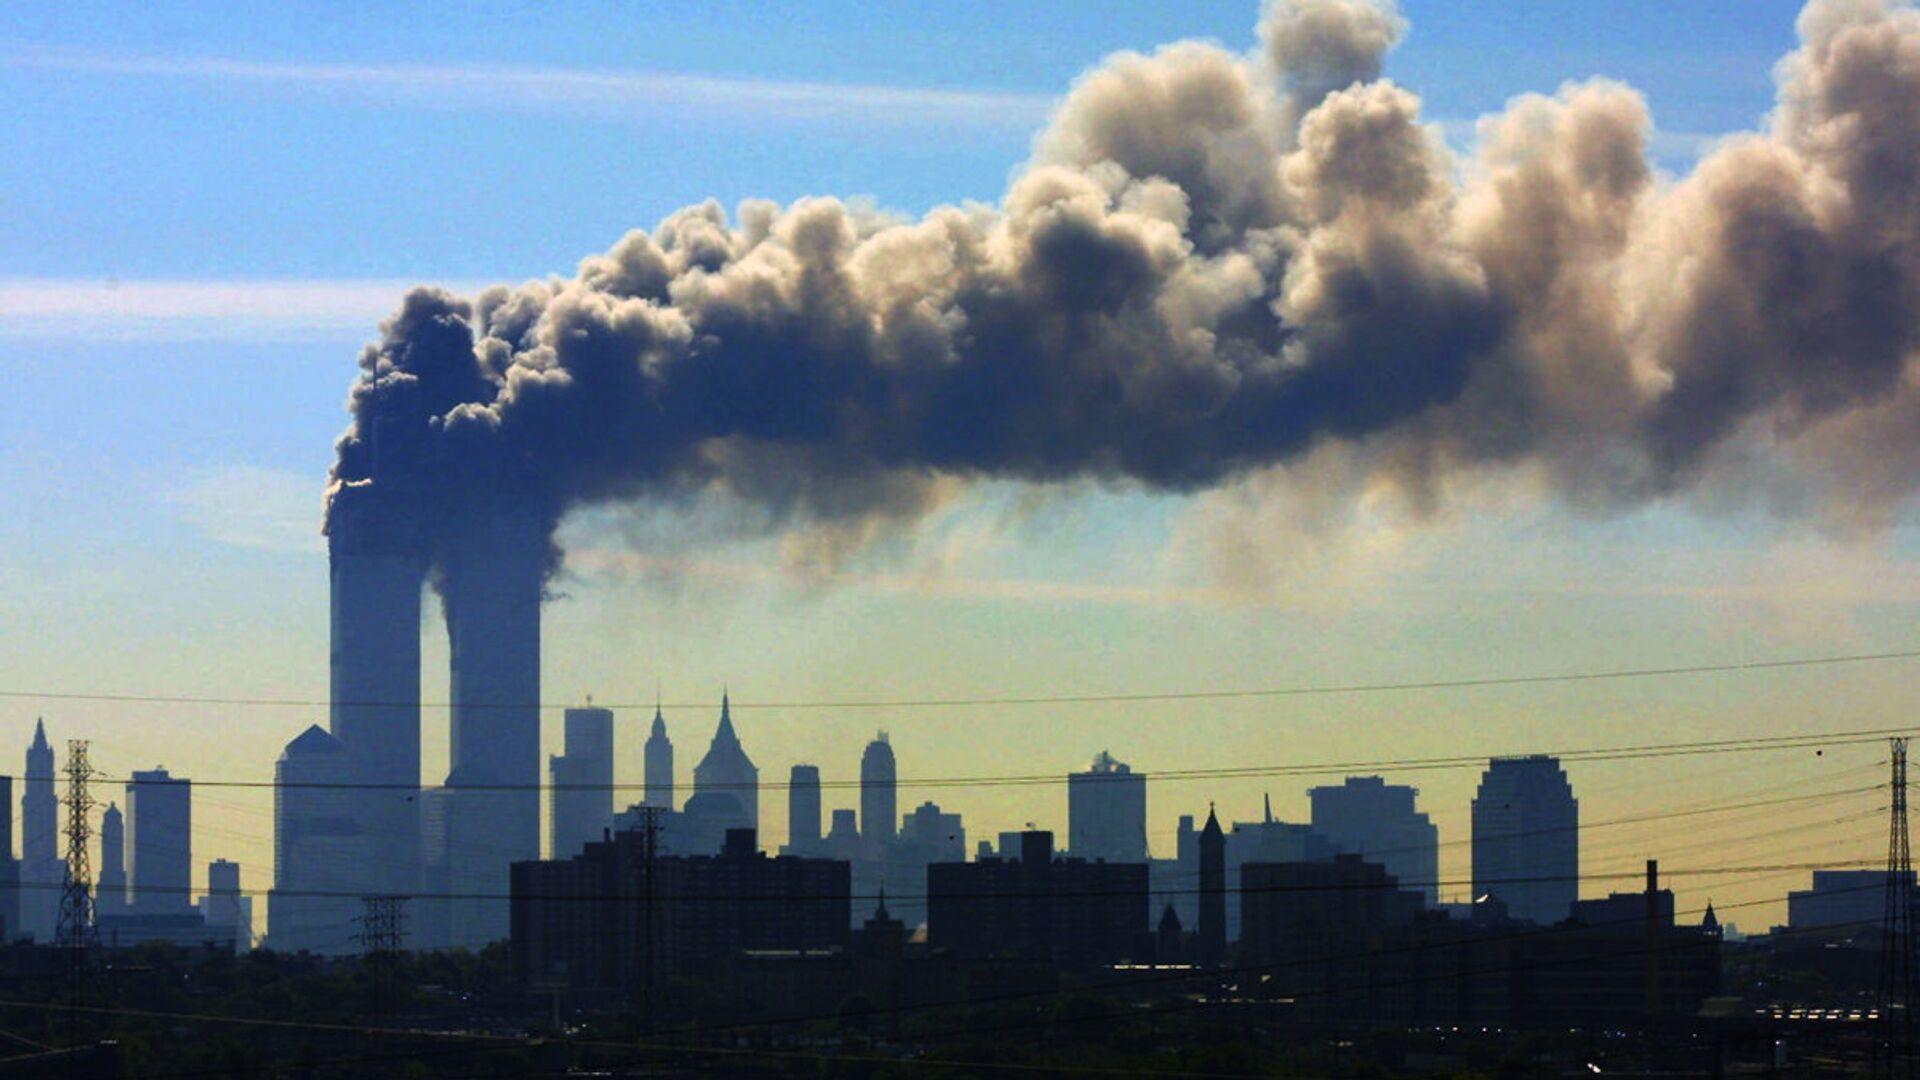 Теракт 11 сентября 2001 в Нью-Йорке - РИА Новости, 1920, 13.05.2020